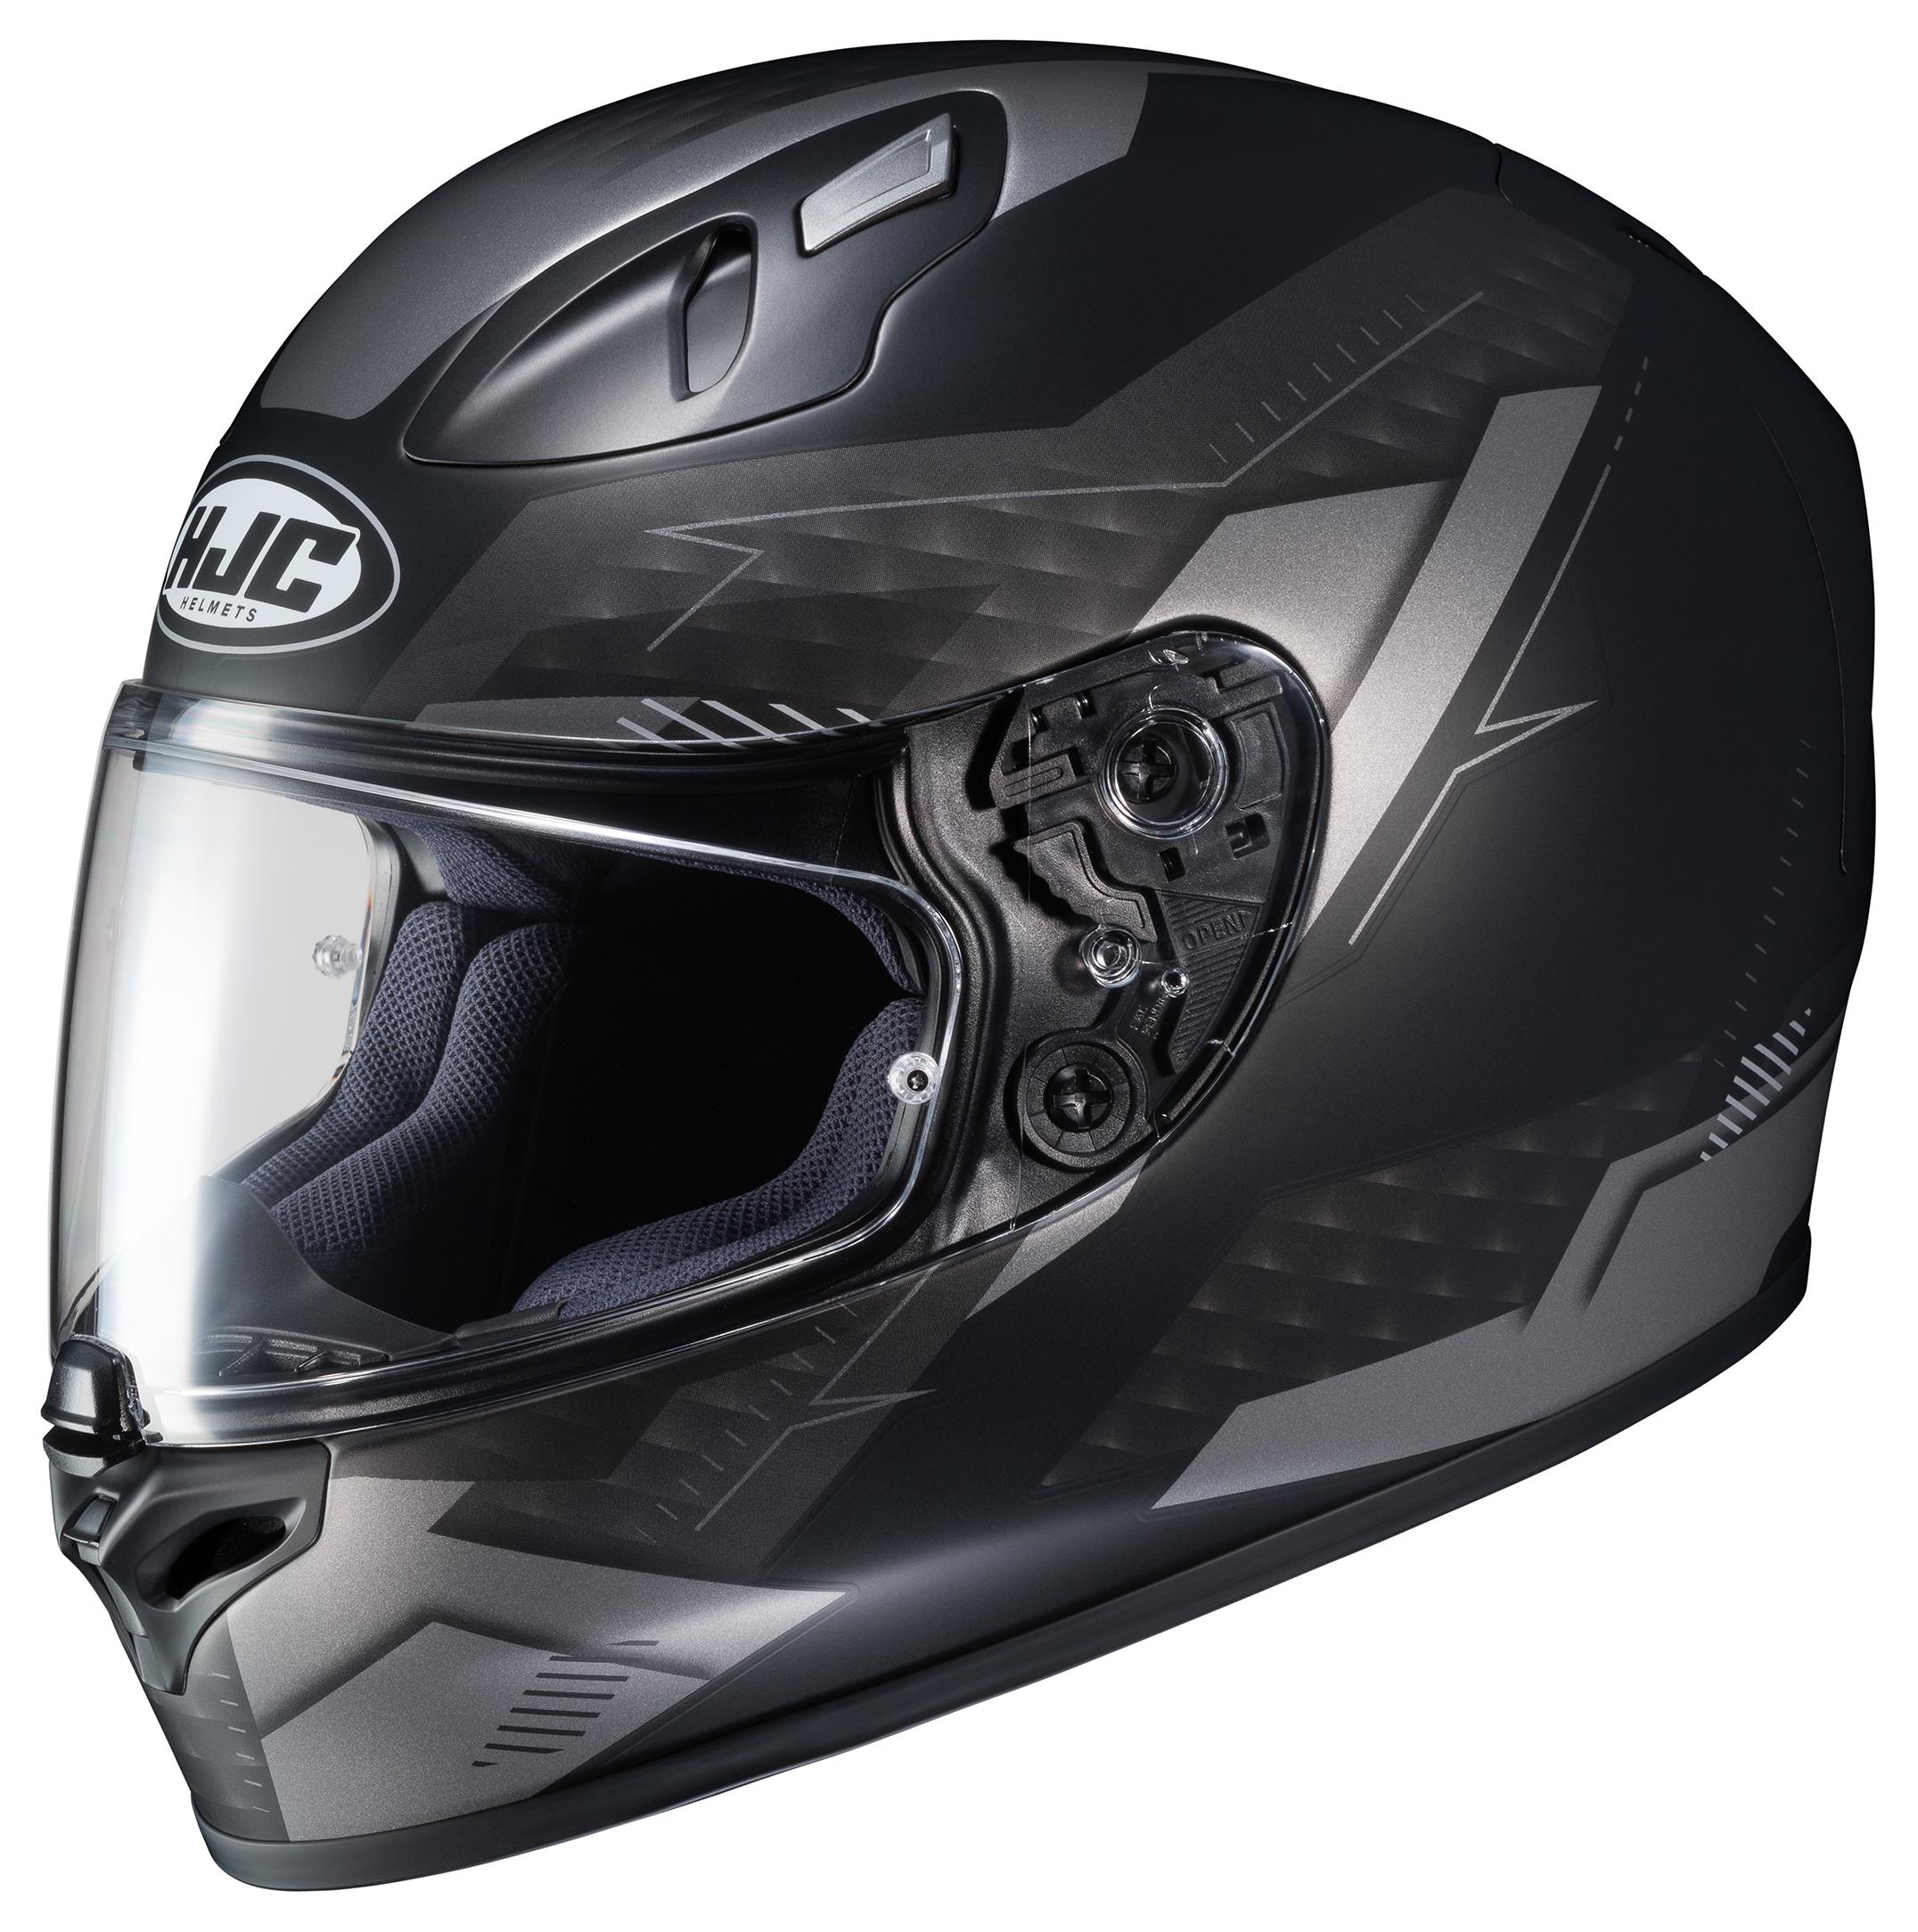 Hjc Fg 17 >> HJC FG-17 Talos Helmet | 10% ($20.00) Off! - RevZilla